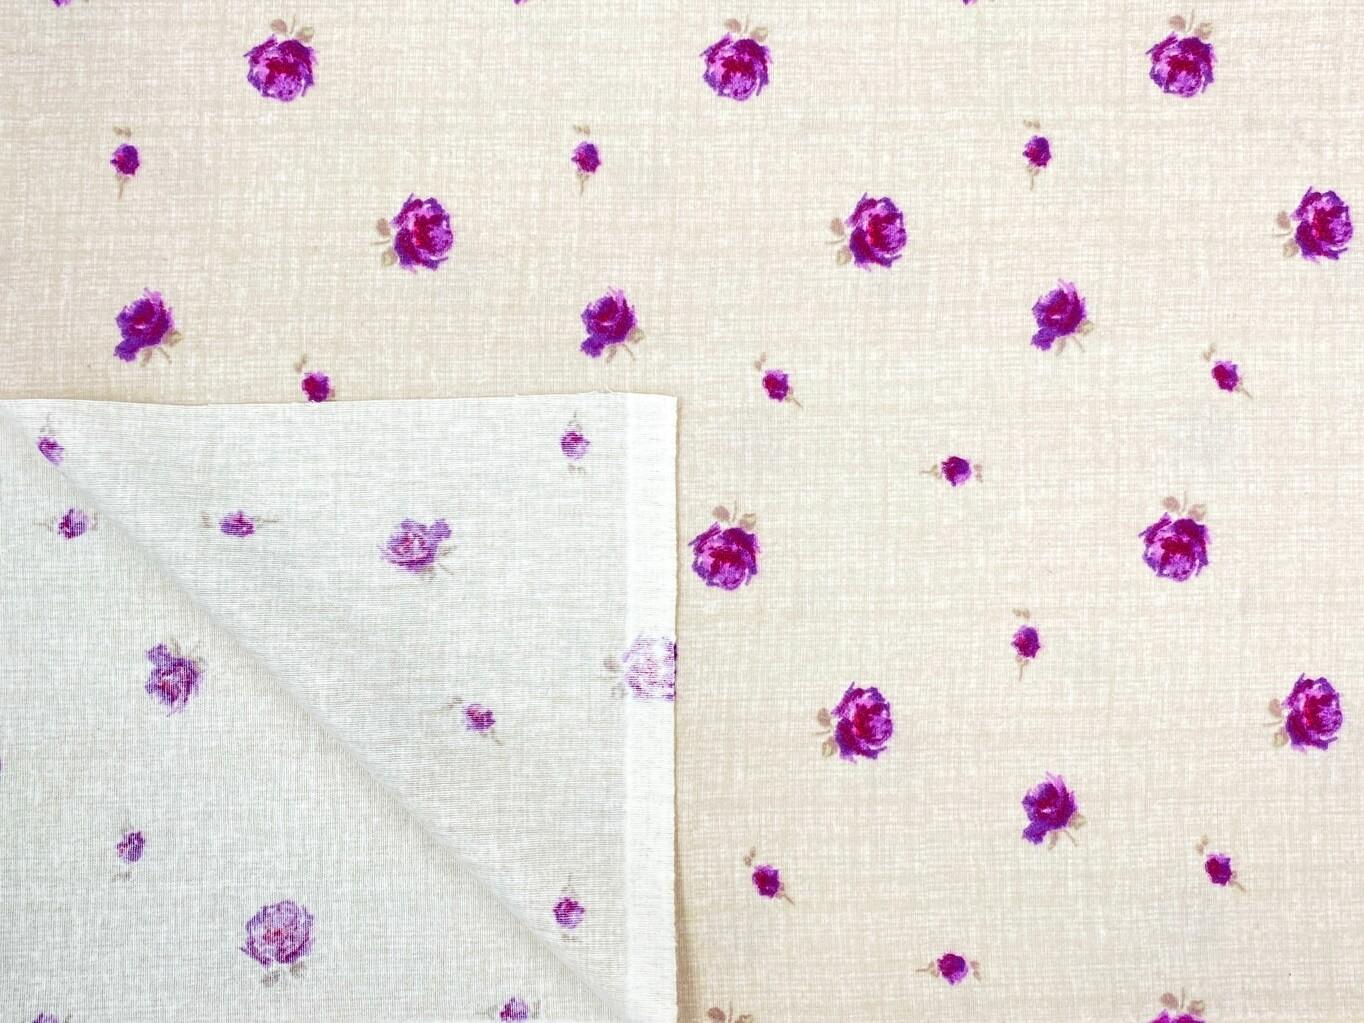 Mirtex FLANEL 150 (13931-1 drobné květy fialovo-béžové) 150cm / VELKOOBCHOD Ceník: VELKOOBCHOD: po c